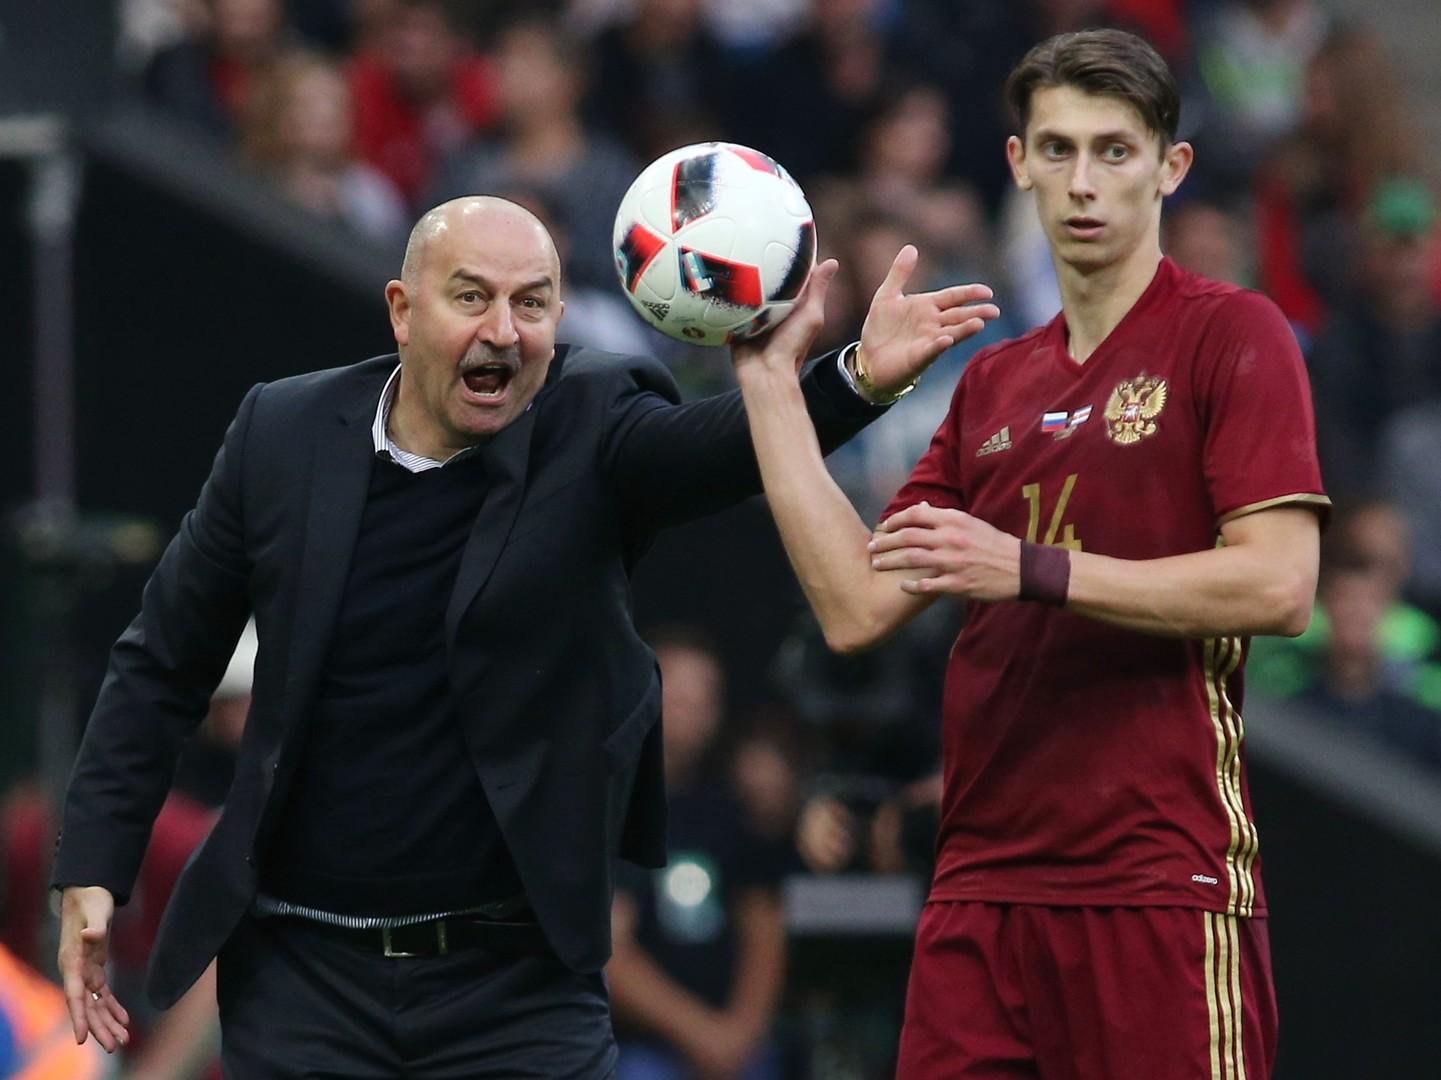 «Не понимаю, какой футбол пытается привить команде Черчесов»: Канчельскис о сборной России